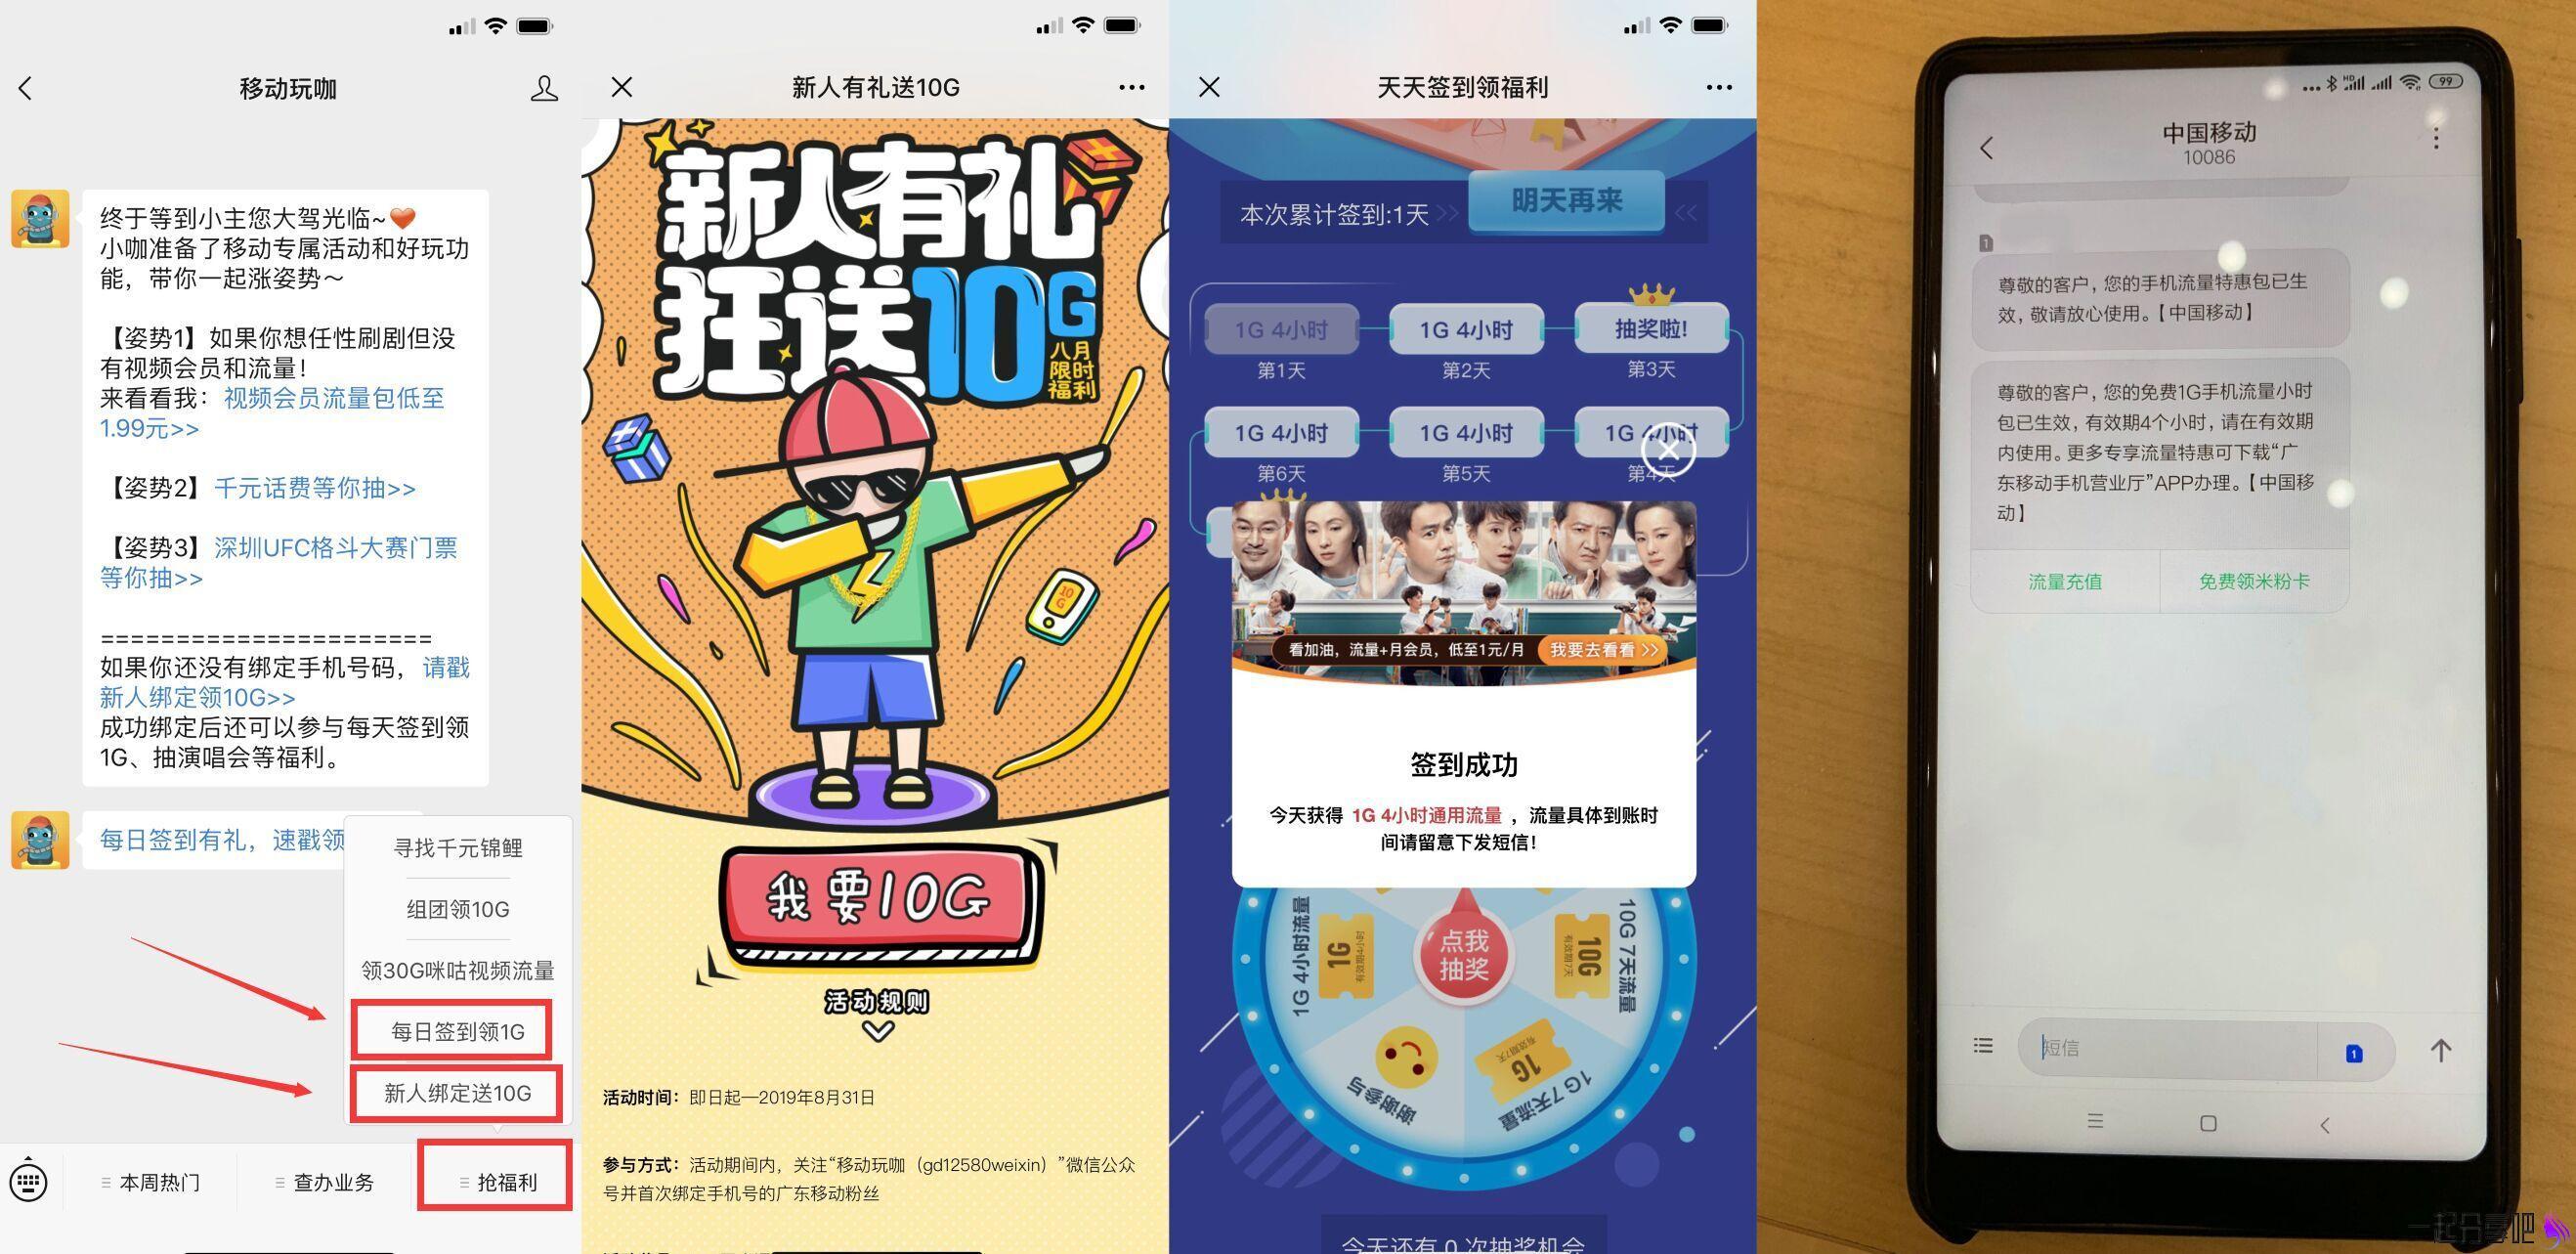 广东移动地区免费领取18G流量 第1张